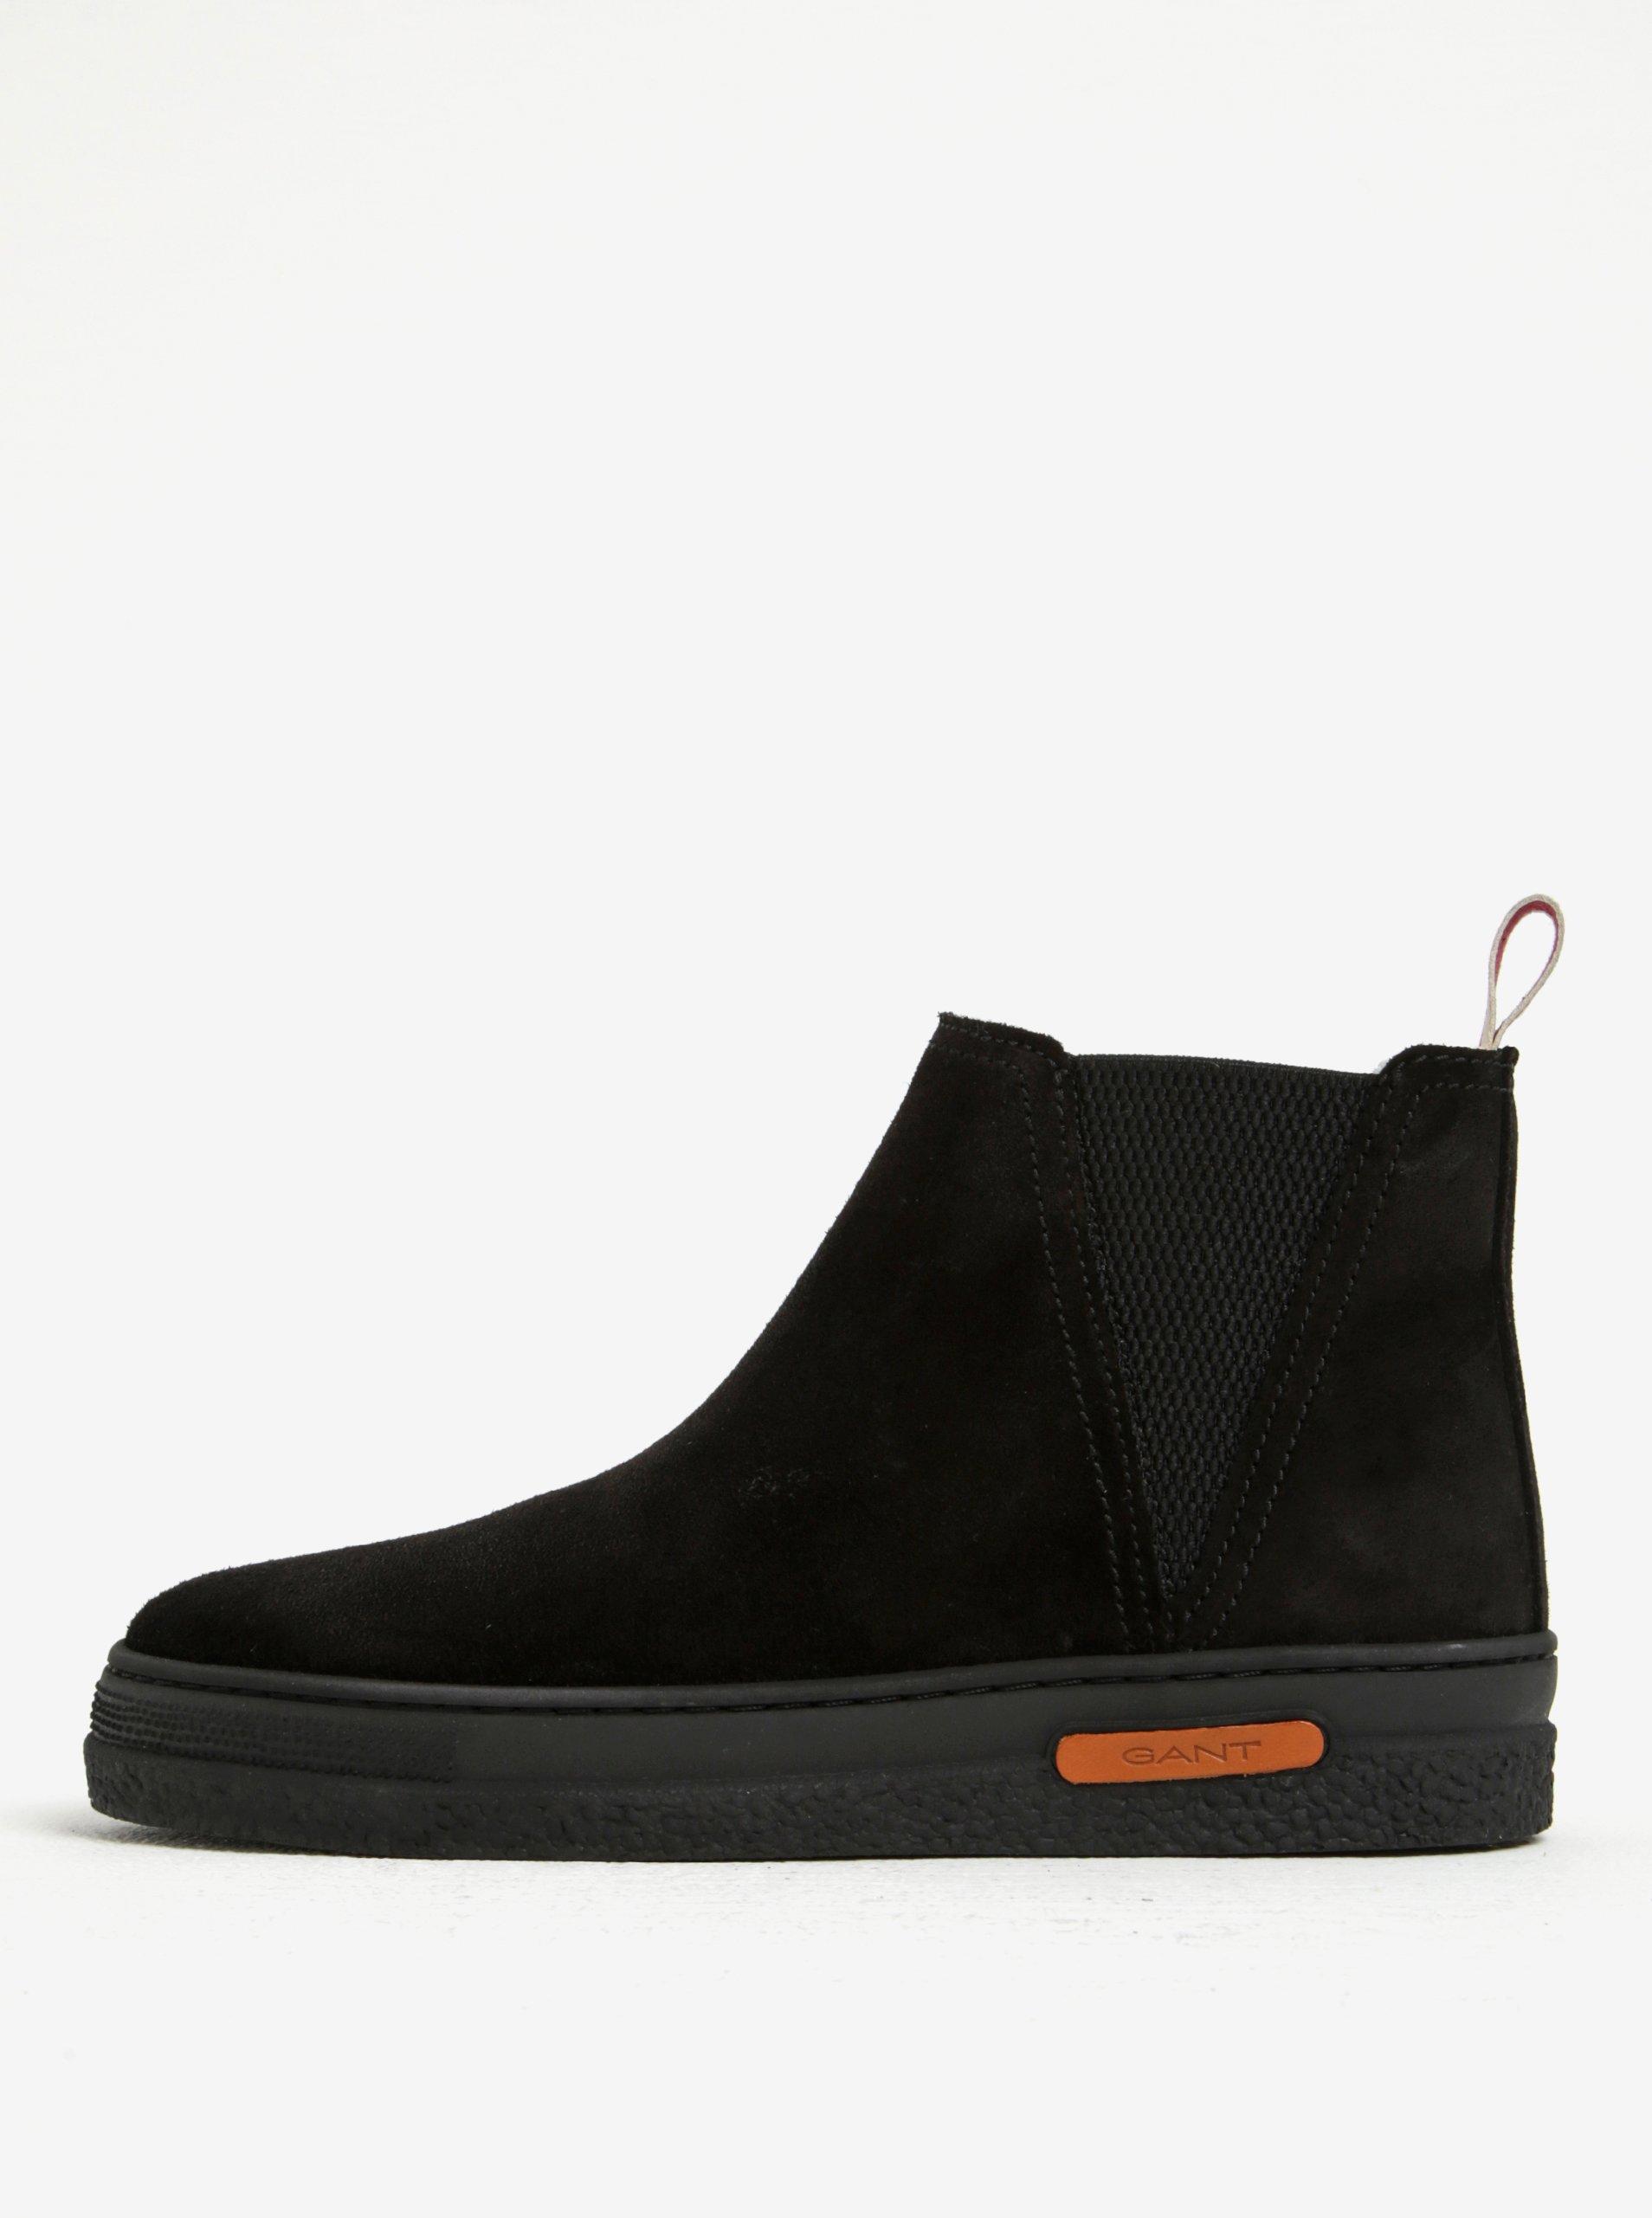 Černé dámské zateplené semišové chelsea boty GANT Maria